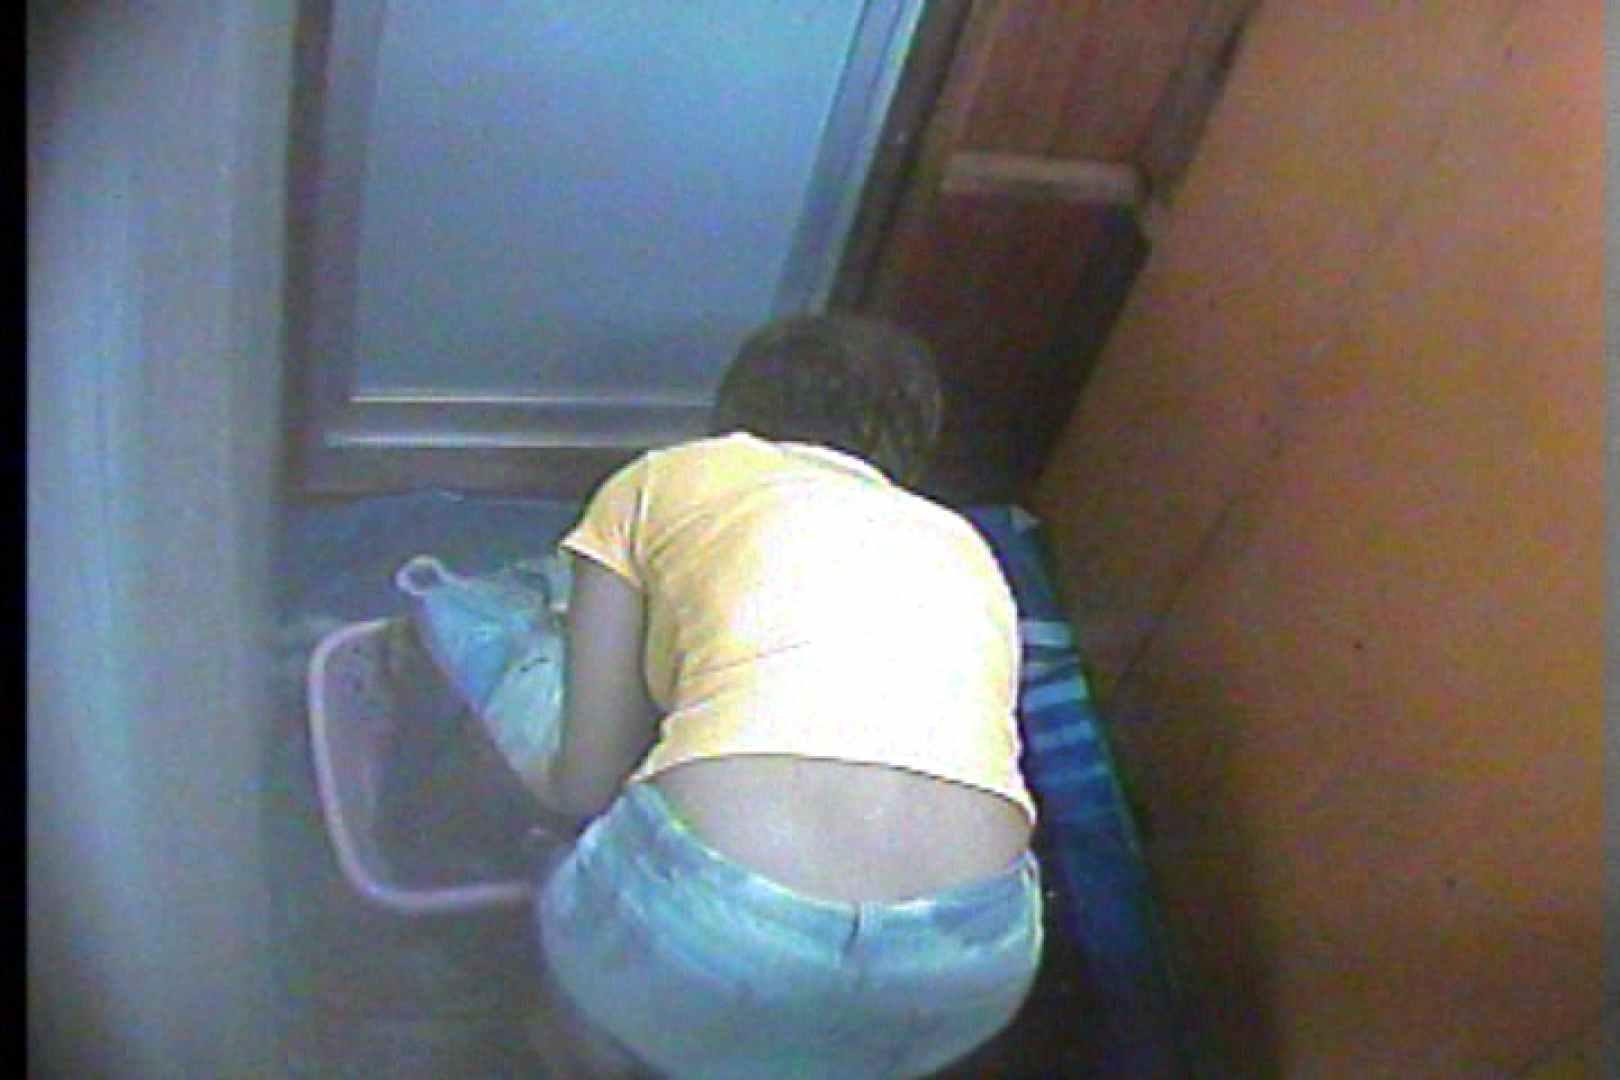 海の家の更衣室 Vol.36 ギャル攻め オマンコ無修正動画無料 104画像 16